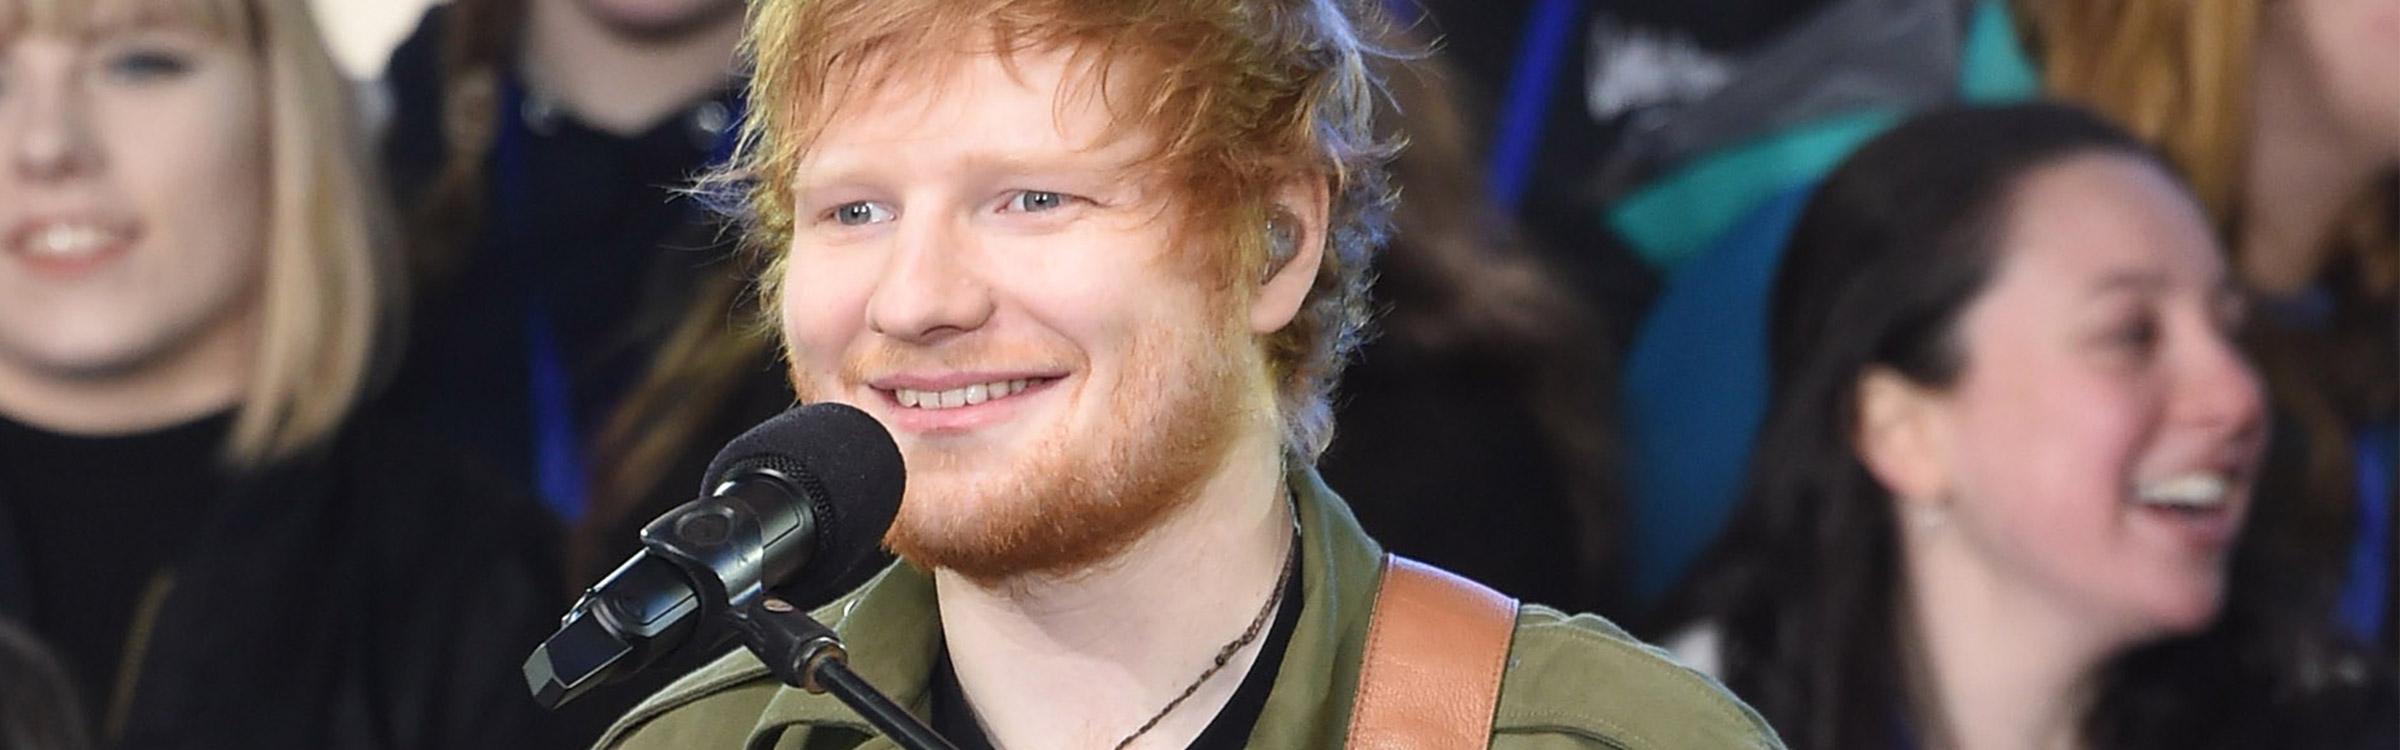 Edd sheeran header